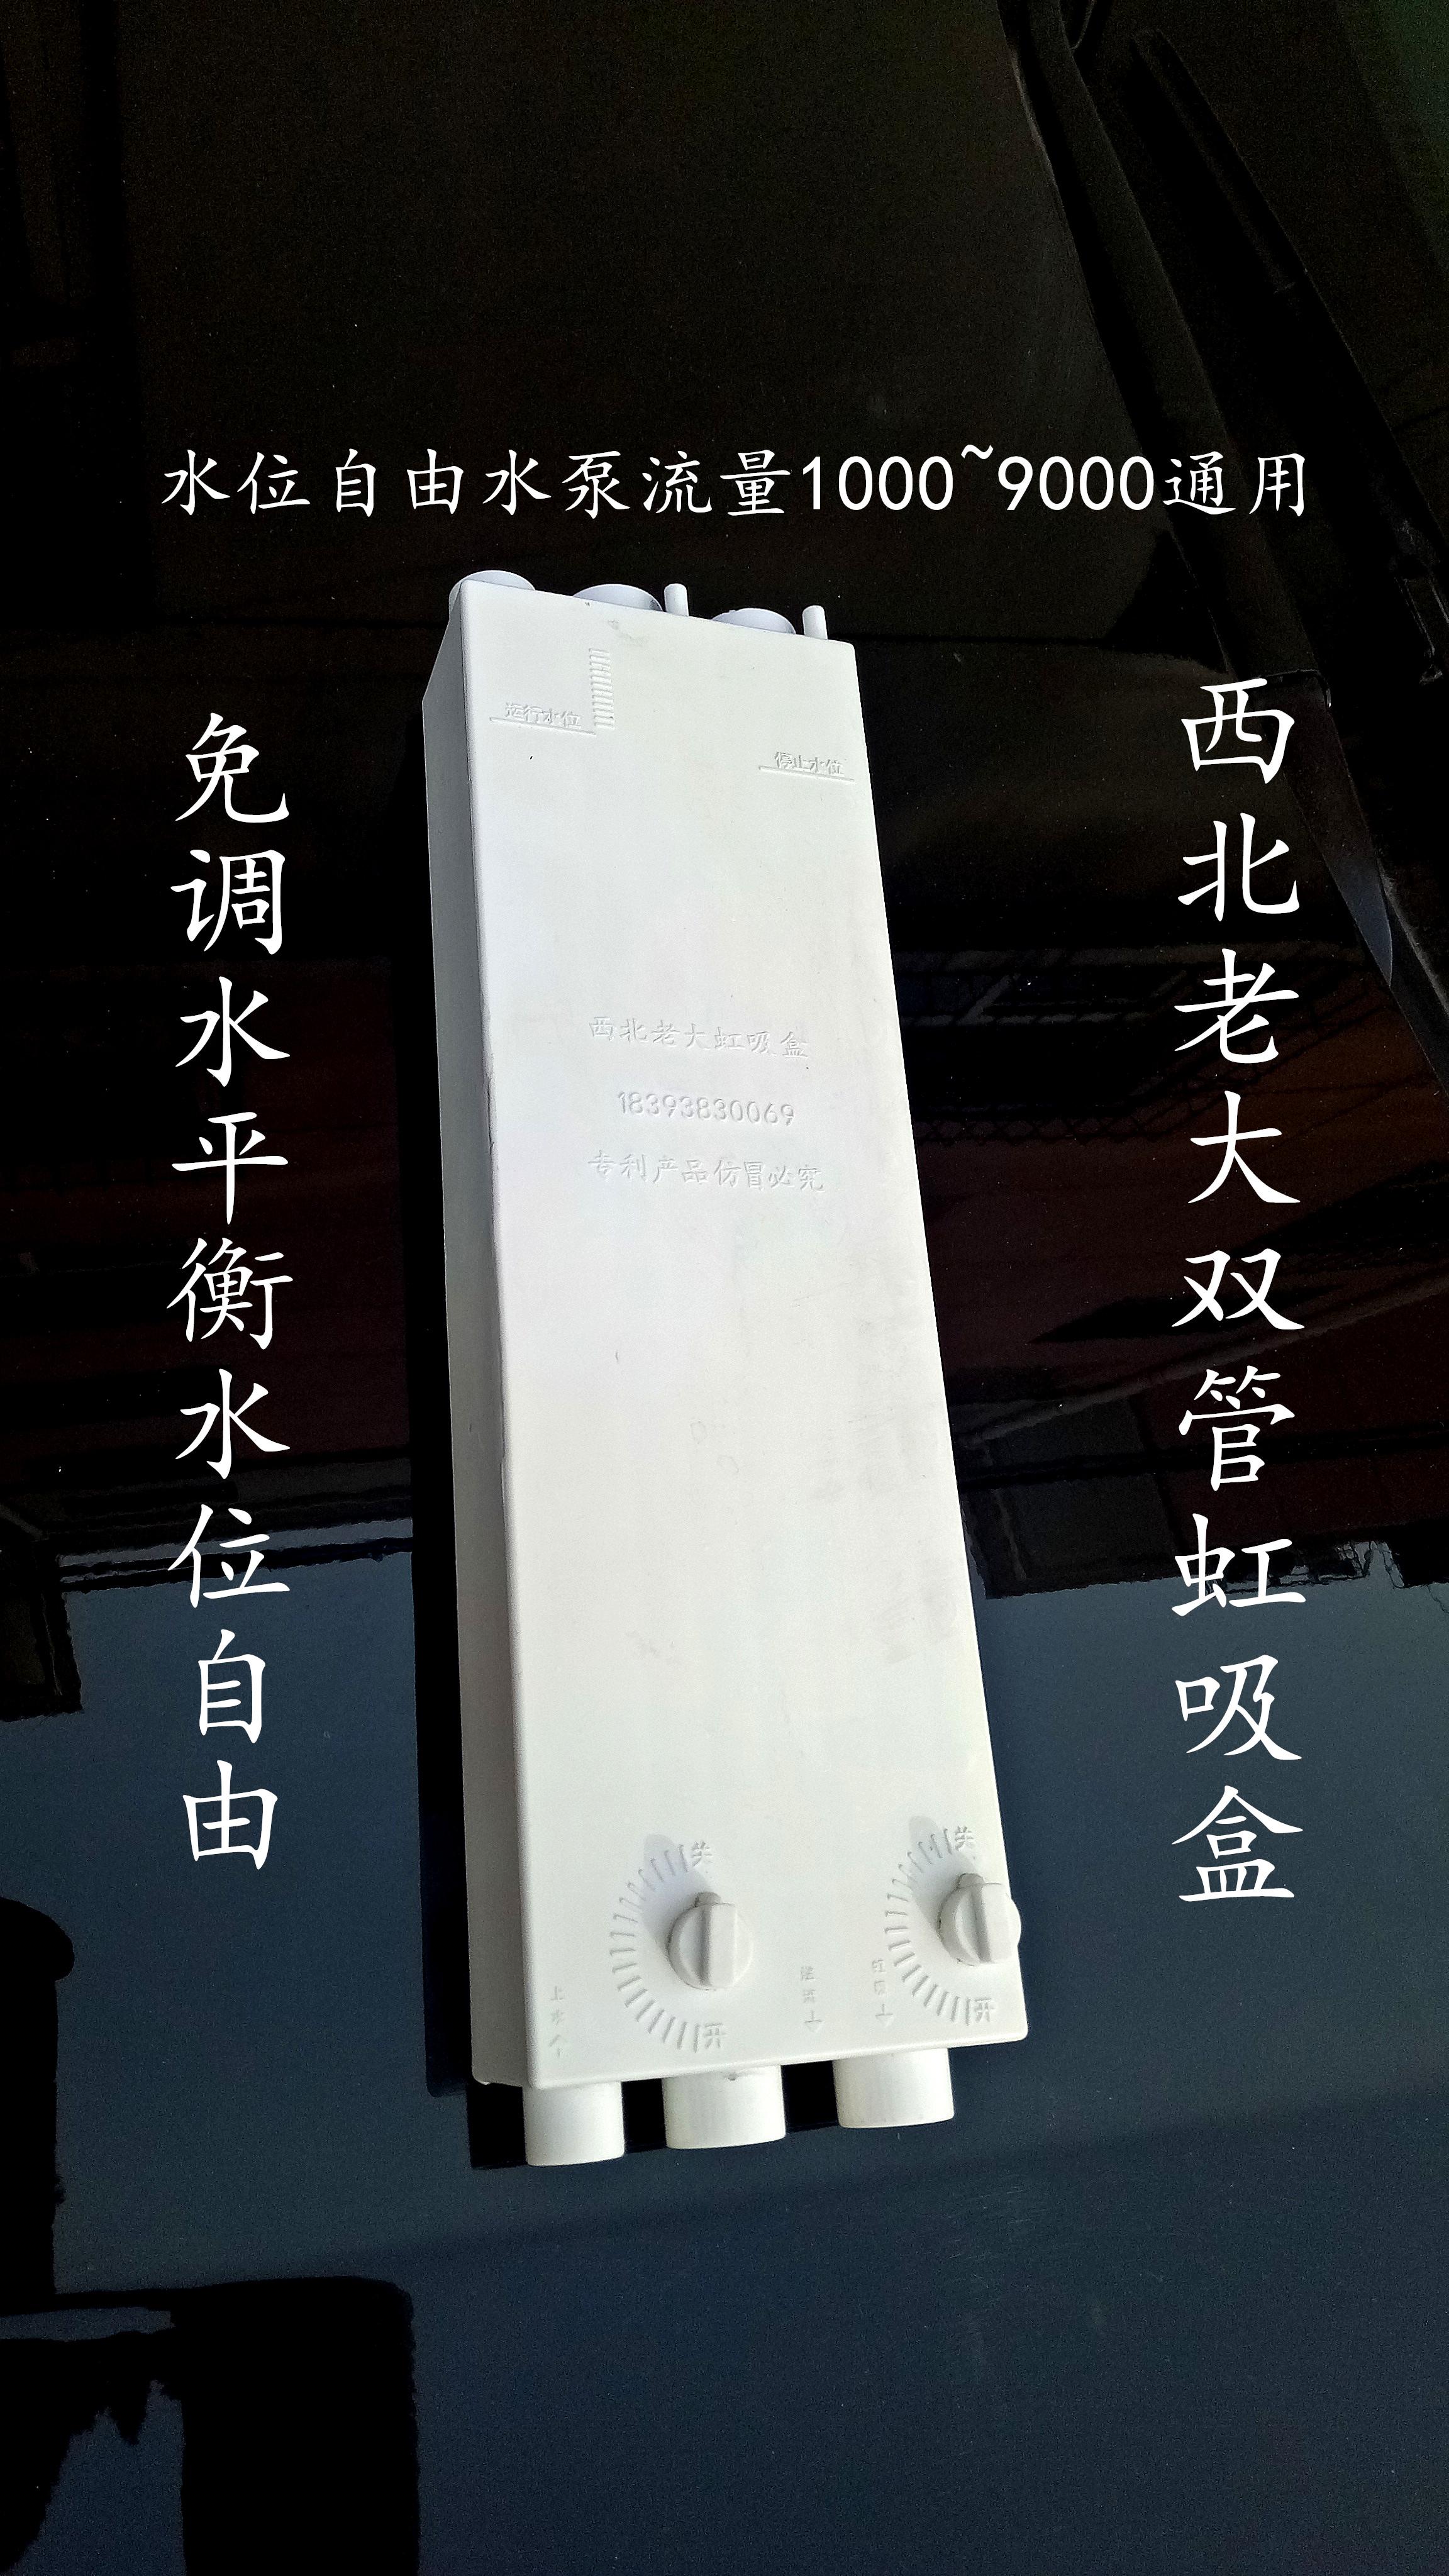 Аквариум не перфорации изменение конец фильтр радуга поглощать конец фильтр на фильтр изменение конец фильтр система радуга поглощать конец фильтр трубка модель